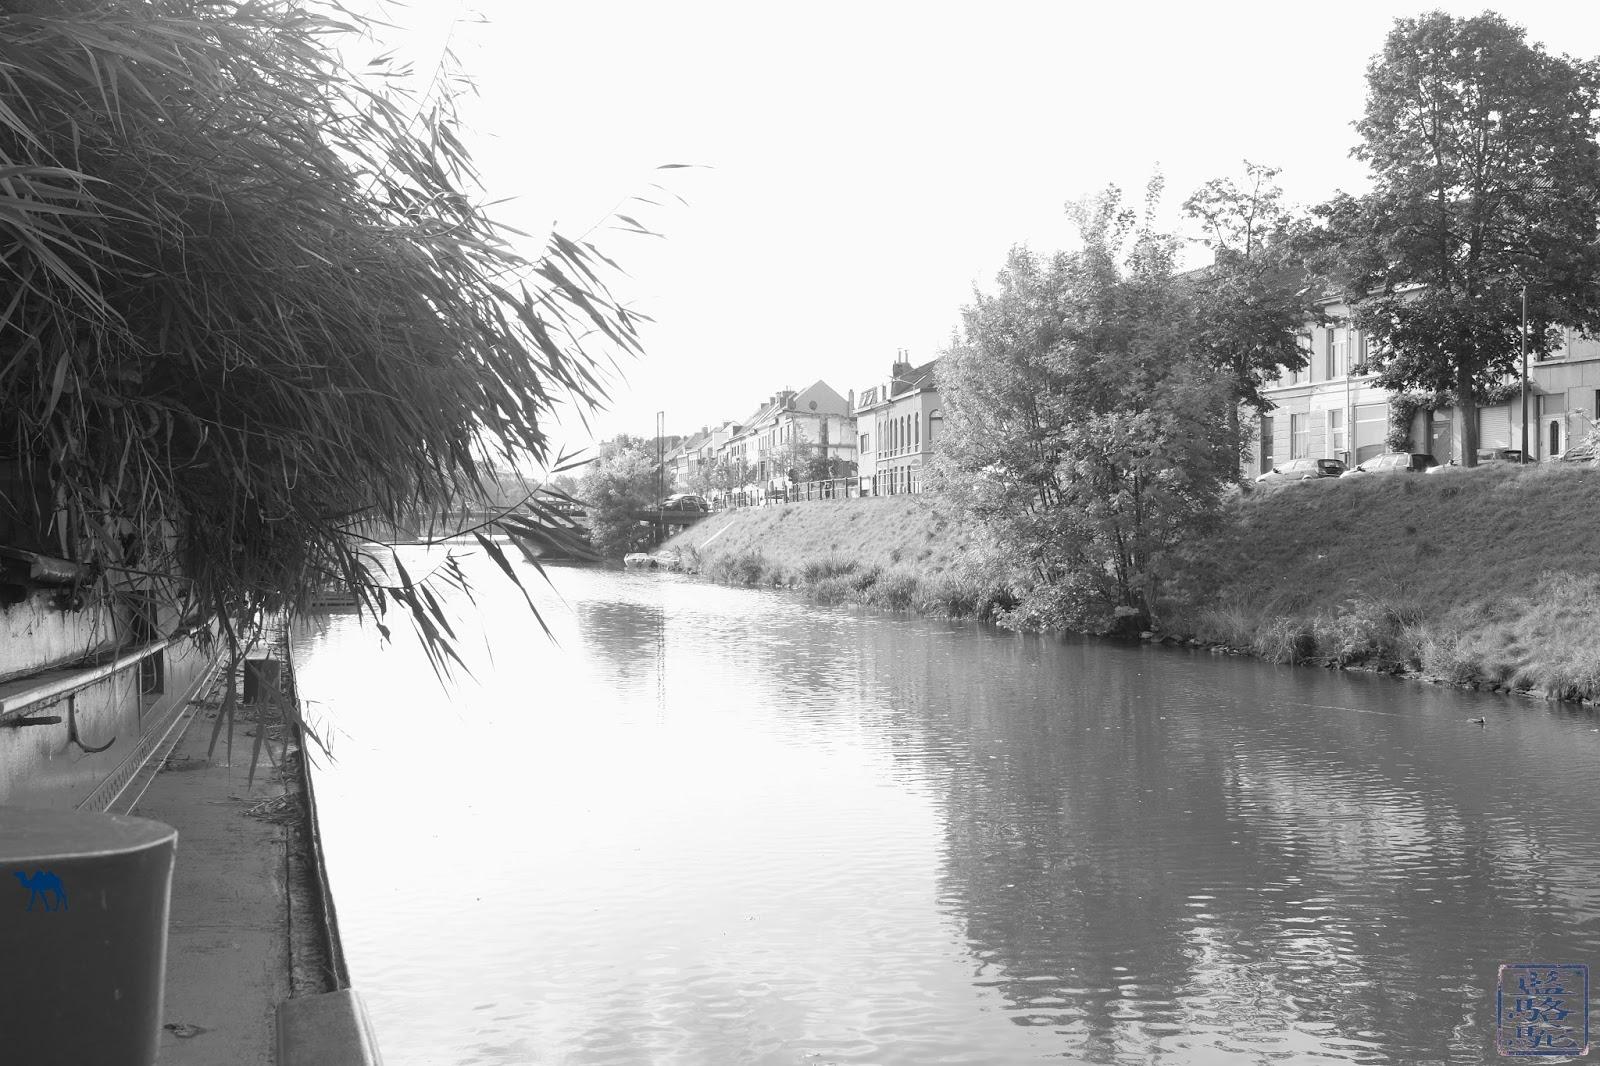 Le Chameau Bleu - Canal - EcoHostel - Gand Hotel à Gand